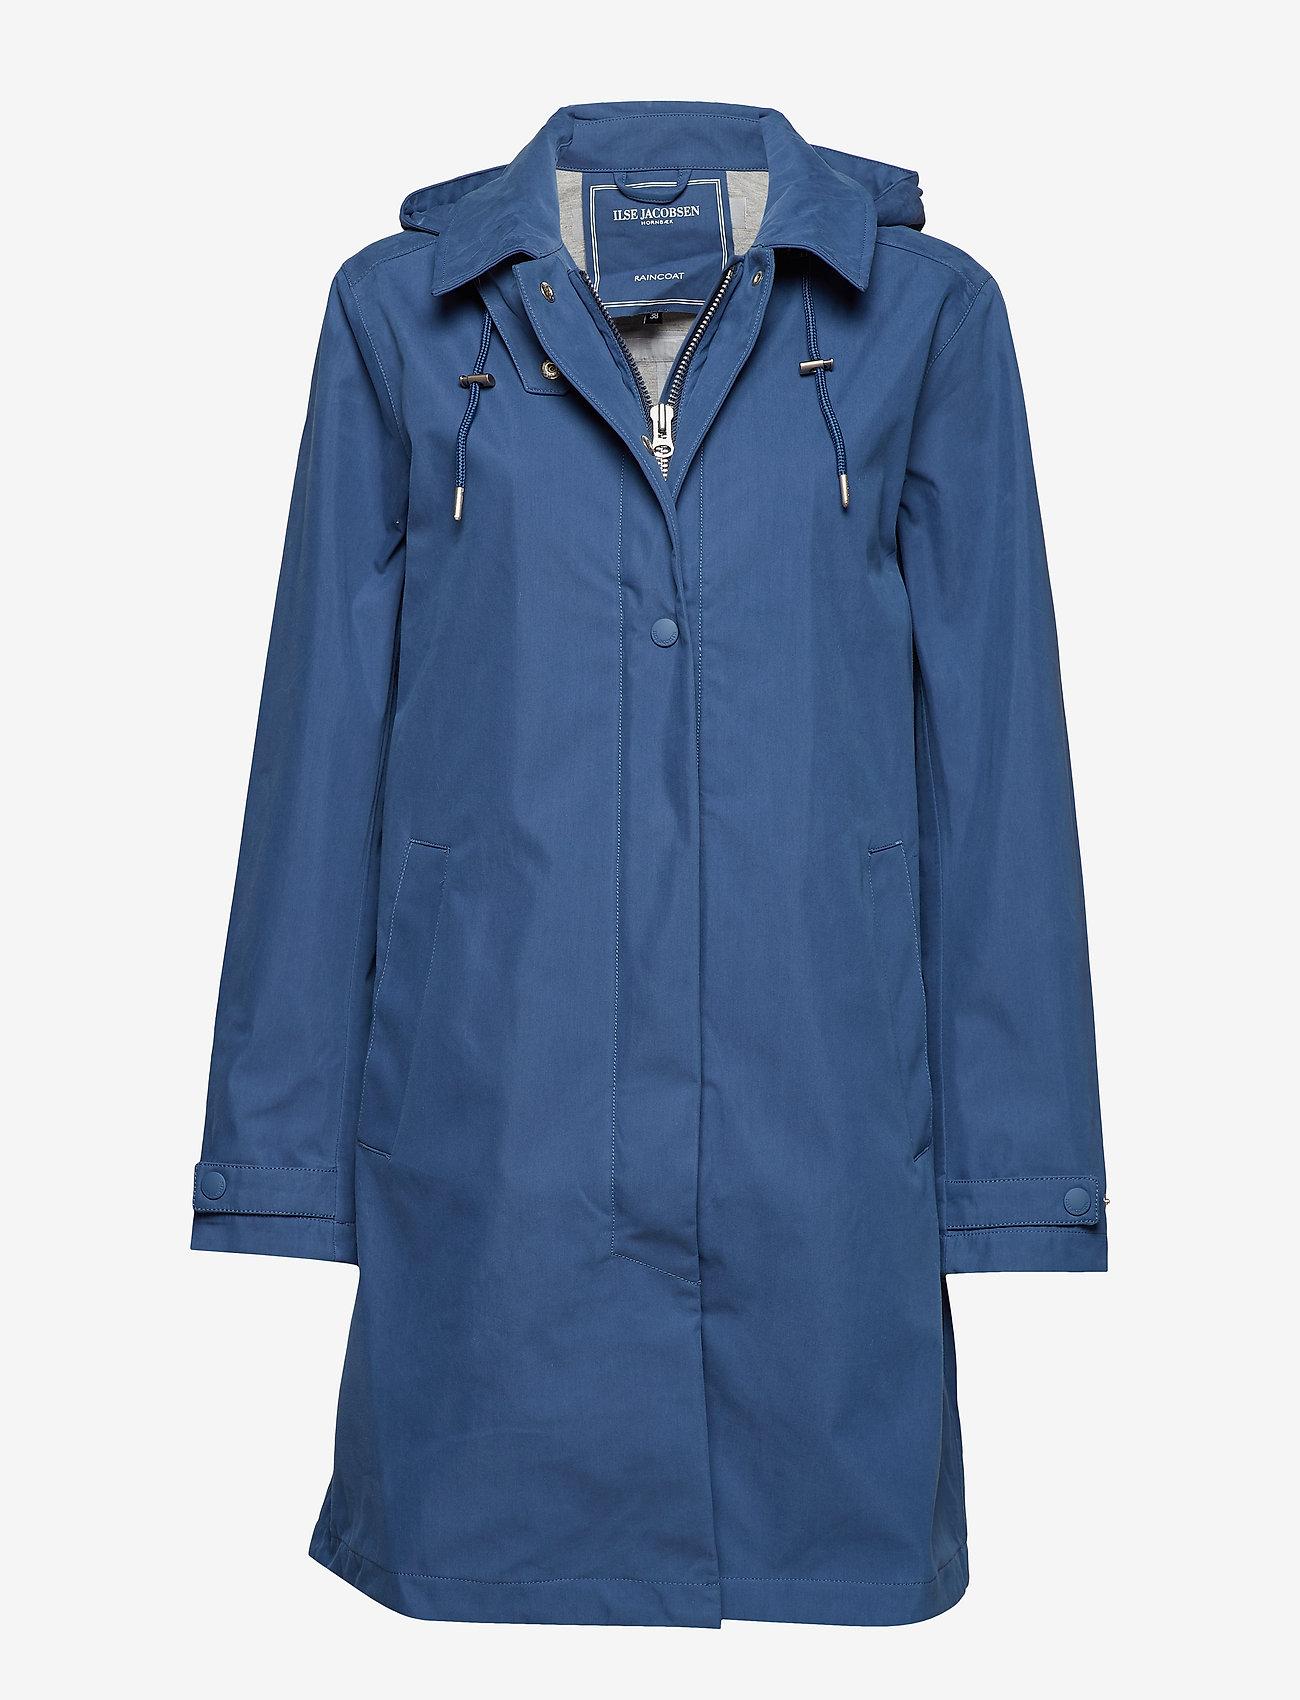 Ilse Jacobsen - RAINCOAT - manteaux de pluie - blue rock - 0